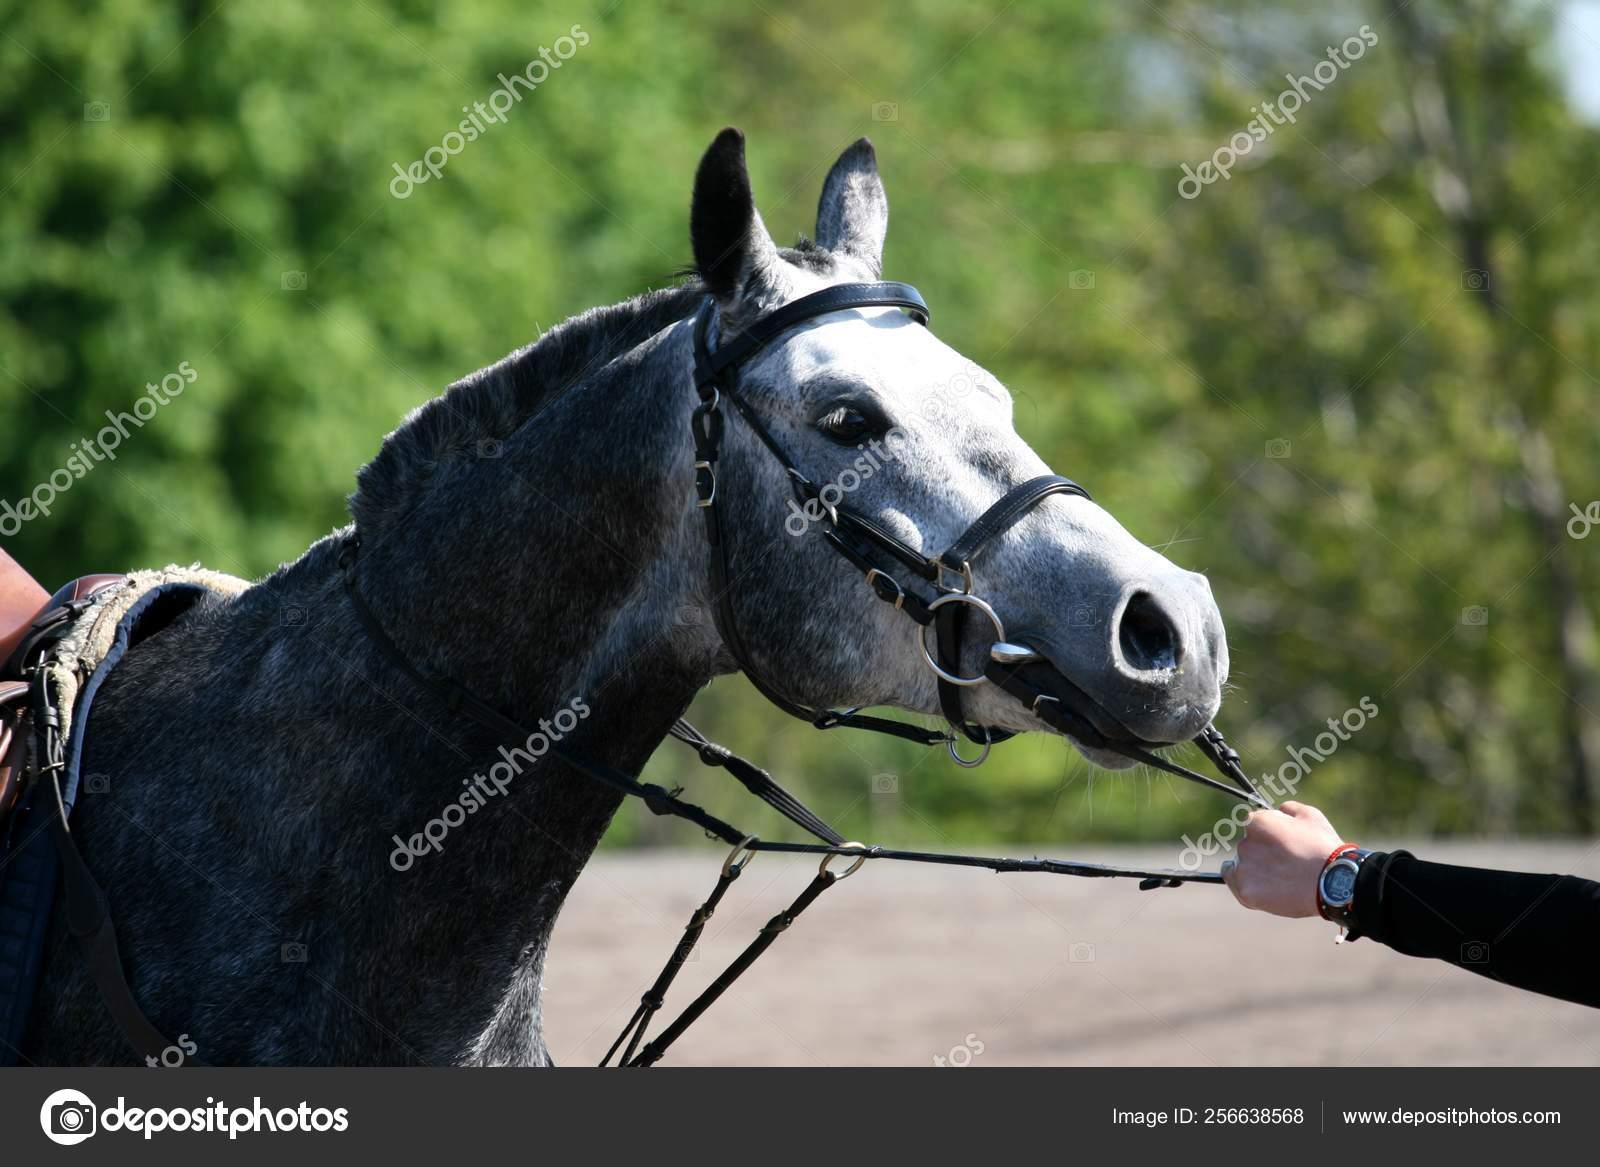 Arabian Horse Portrait Finish Endurance Compitition Stock Photo C Mashaantropova 256638568